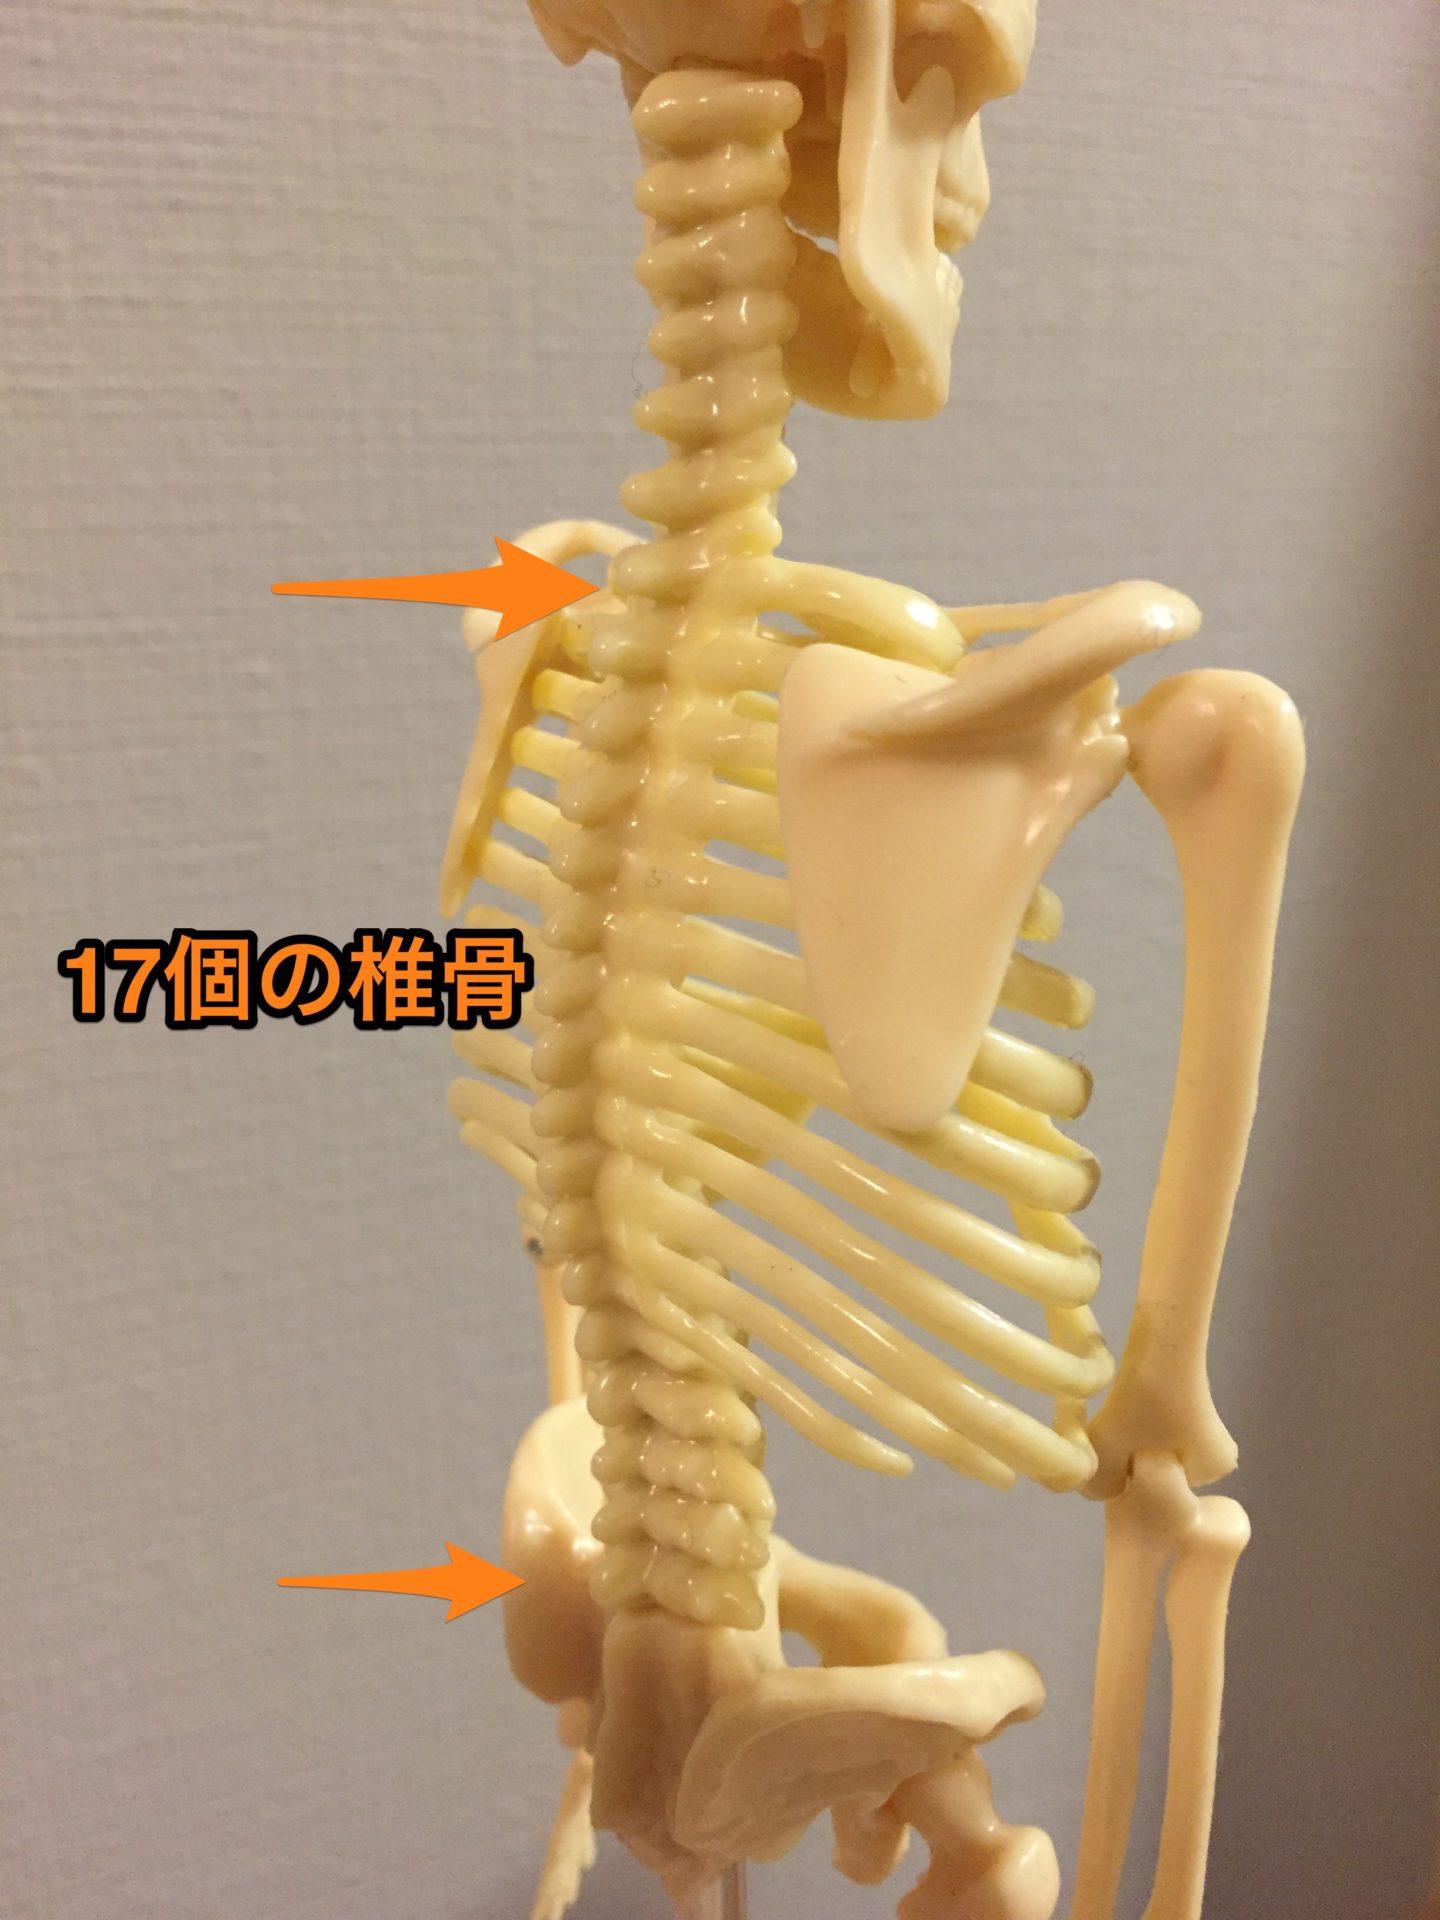 肩こり、腰痛に効く、背骨を感じるエクササイズ